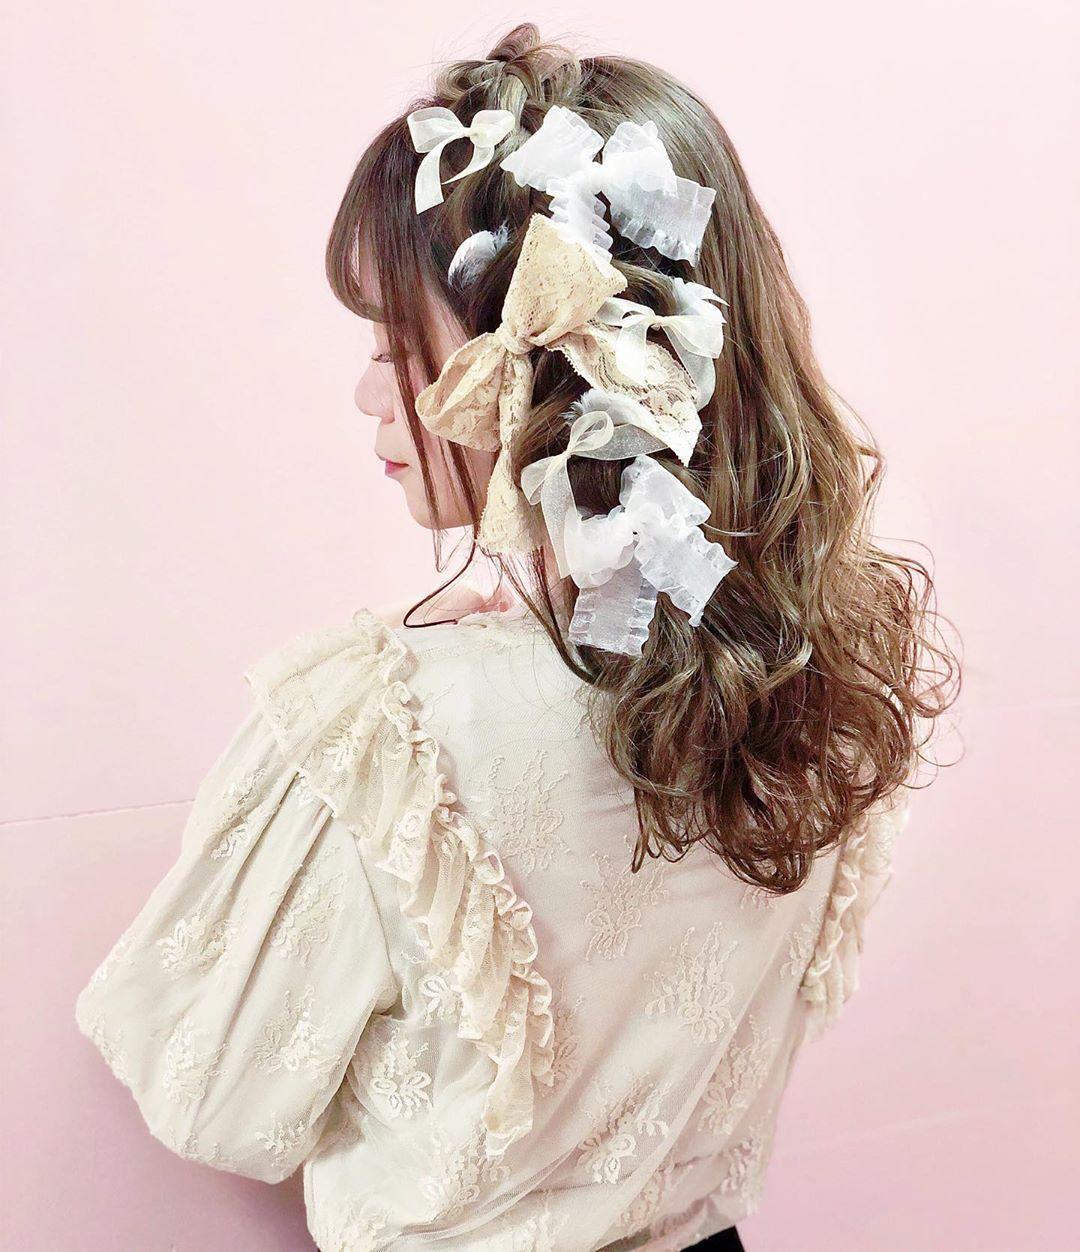 夏山 有紗/セルフアレンジ/ボブアレンジ🧸❤︎はInstagramを利用しています:「リボンをたくさんあしらった編み込みアレンジ❤︎ #美容学生 #作品撮り #ありちゃりへあー #kawaiiがーる🎀」